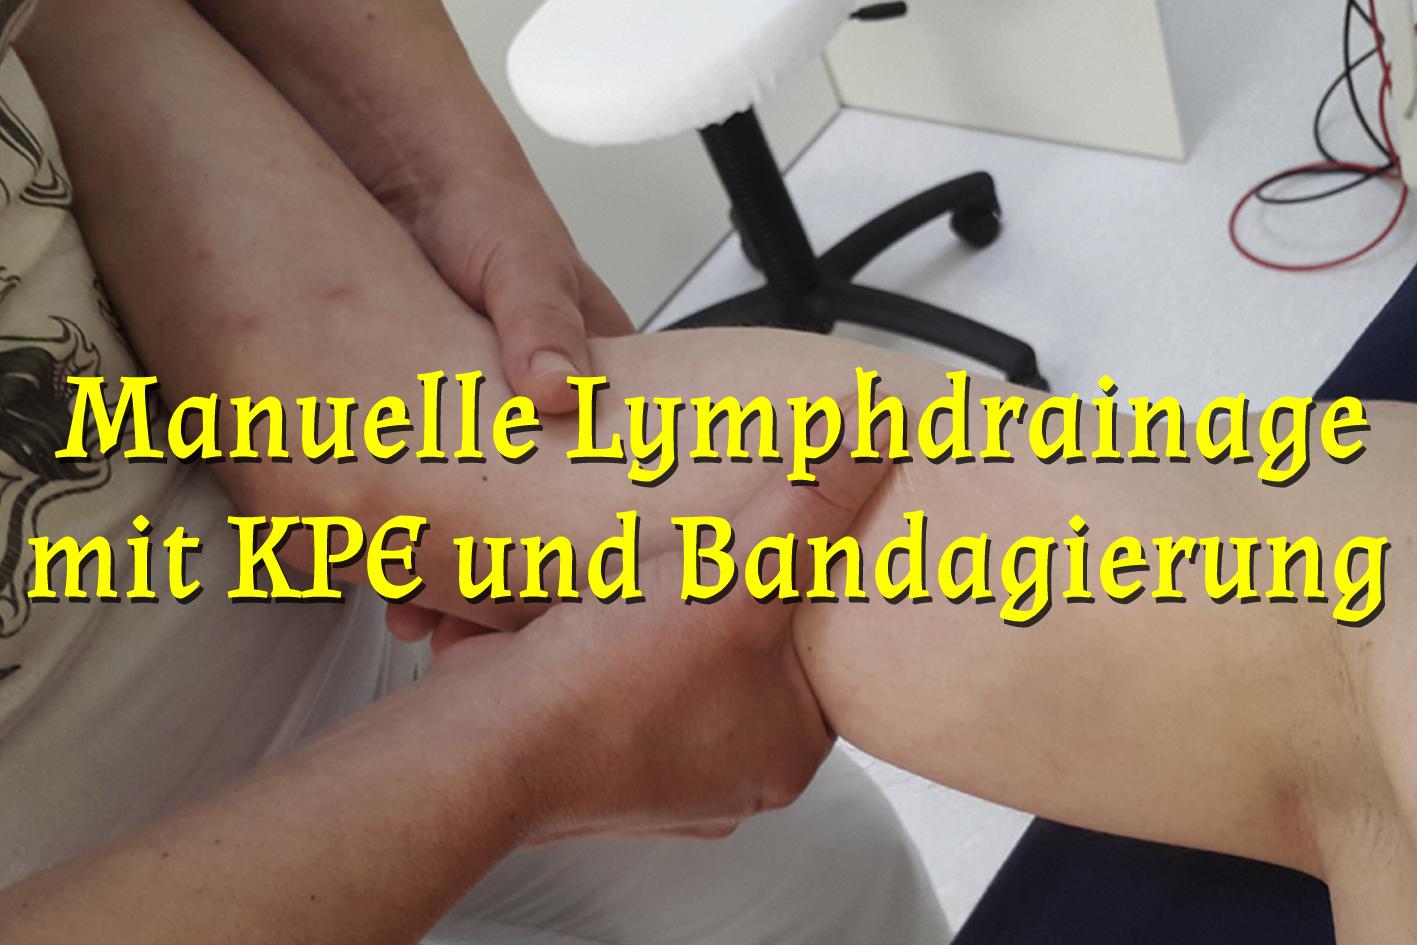 Manuelle Lymphdrainage mit KPE und Bandagierung